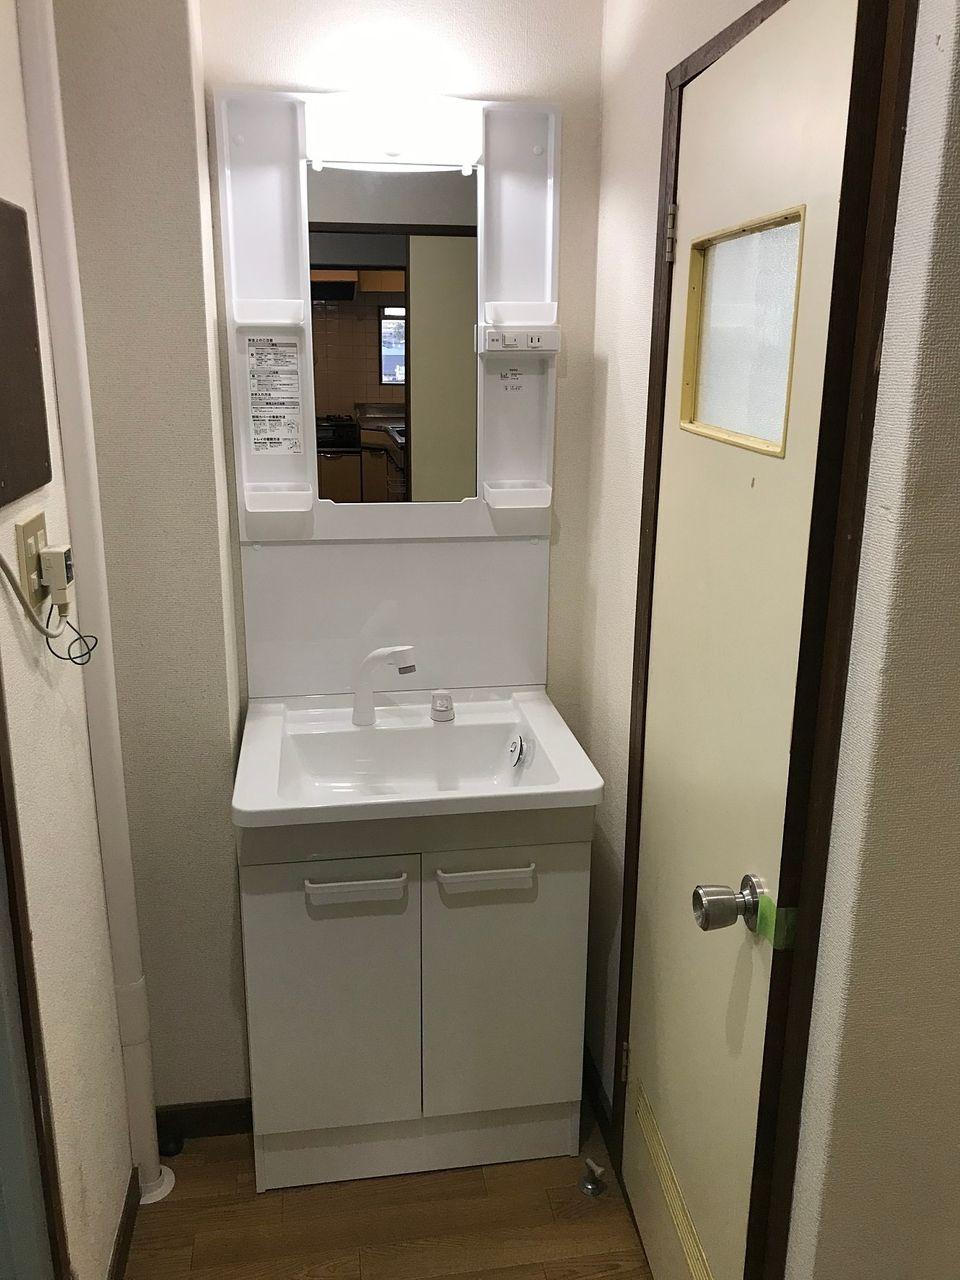 立川柏町住宅1号棟 505号室独立洗面台